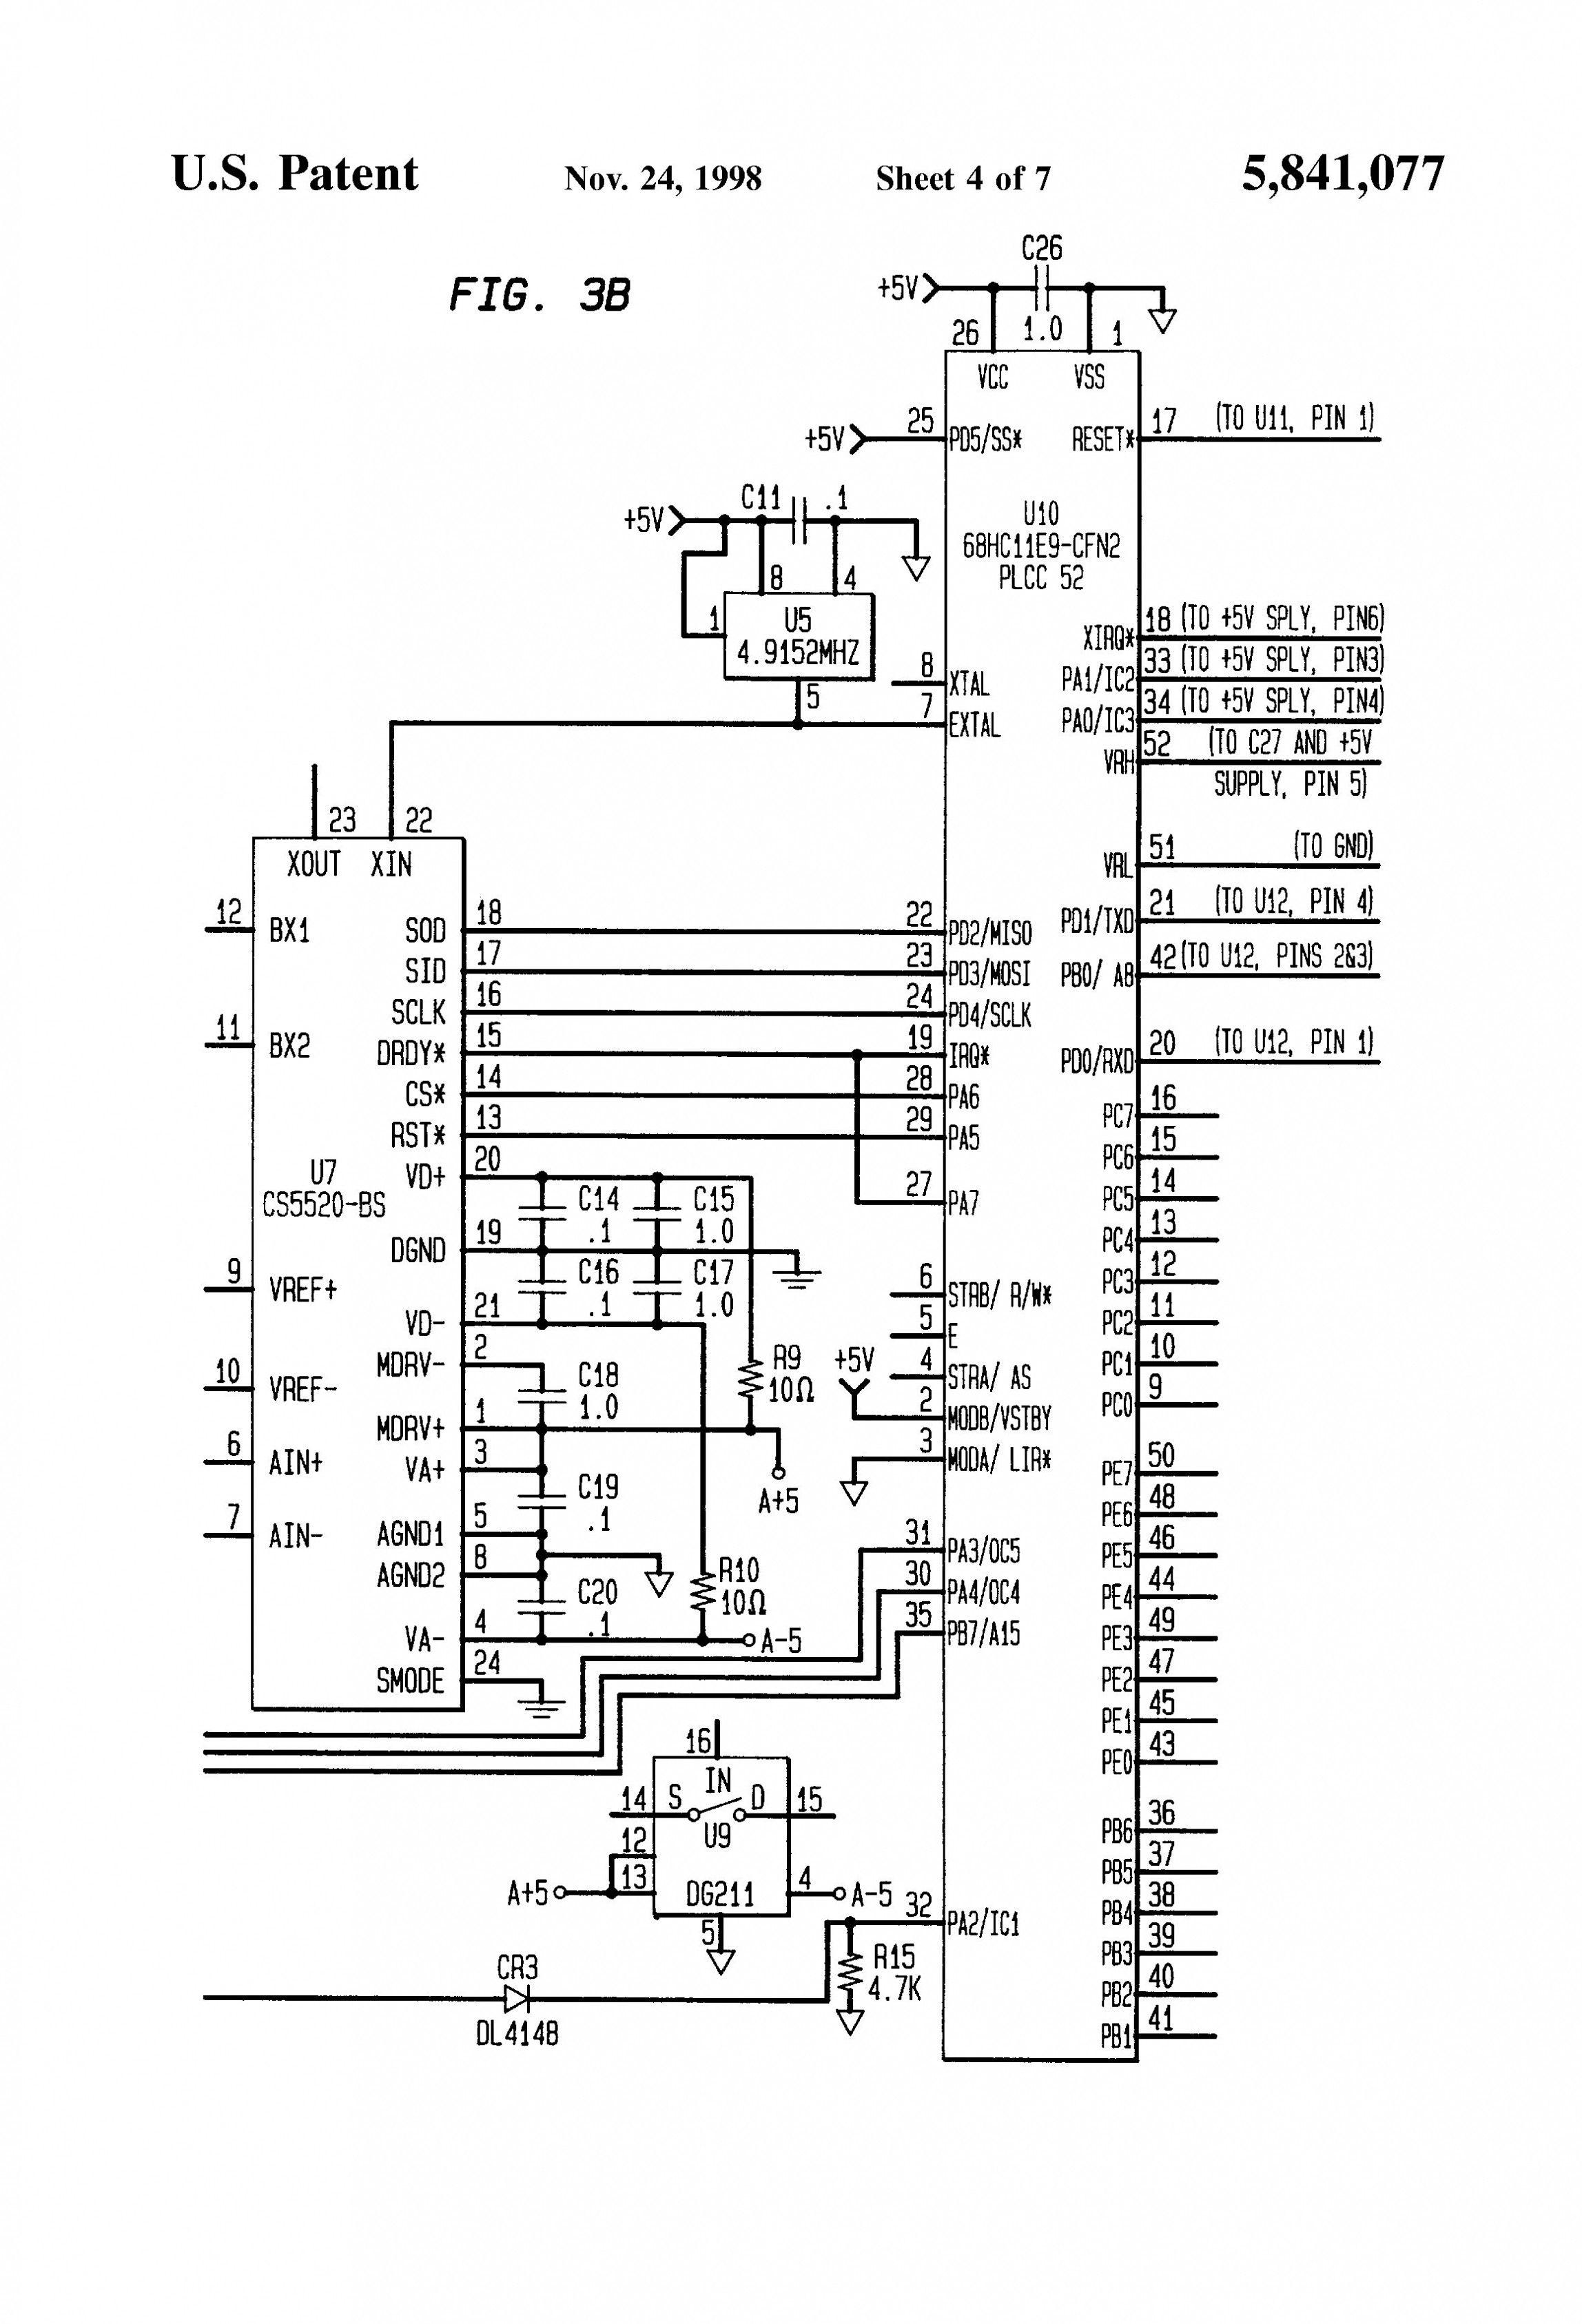 [DIAGRAM_4FR]  Unique Ovation Guitar Wiring Diagram #diagram #diagramsample  #diagramtemplate #wiringdiagram #diagramchart #worksheet #worksheett… | Ovation  guitar, Diagram, Guitar | Ovation Electric Guitar Wiring Schematics |  | Pinterest